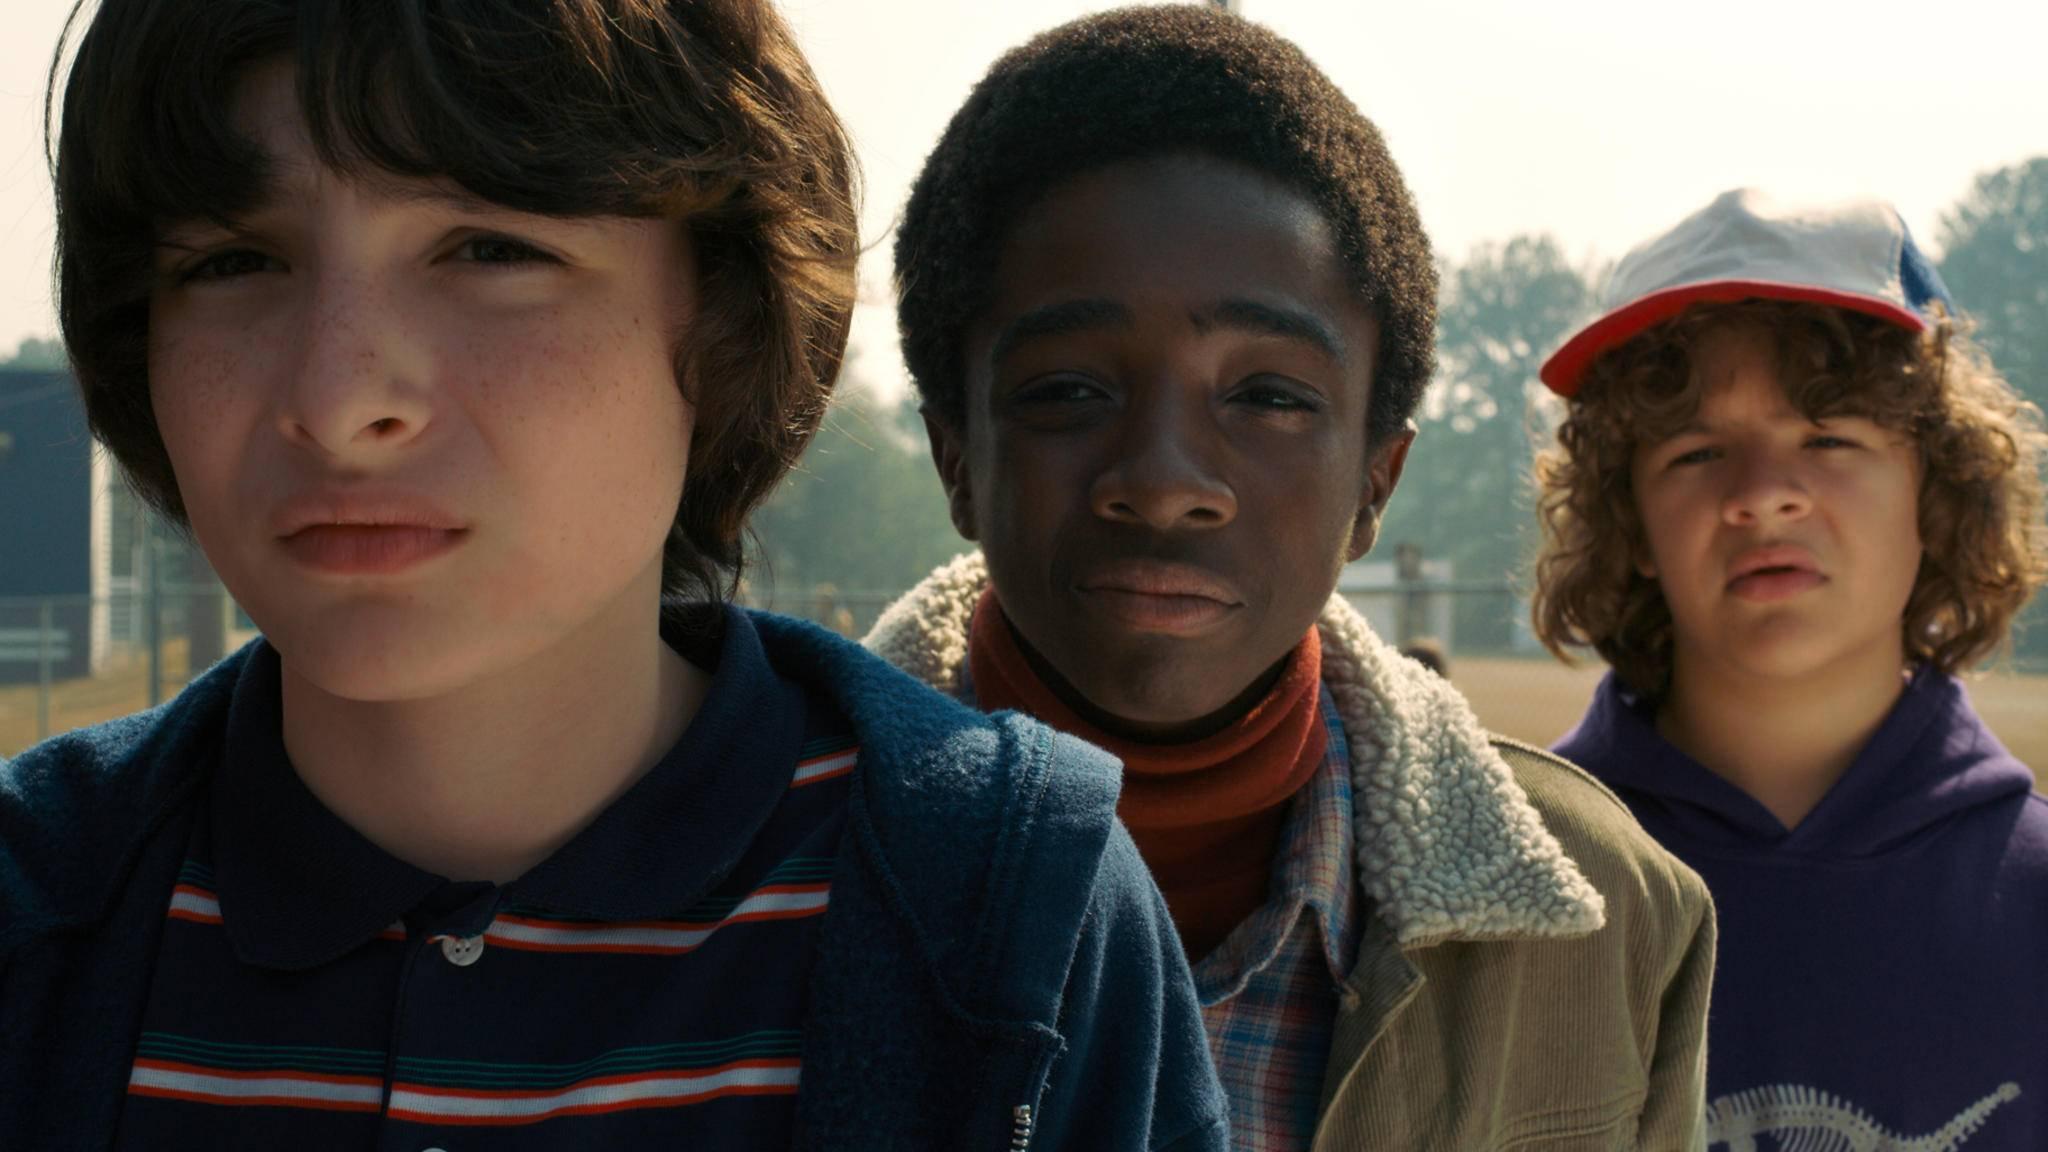 Die neuen Abenteuer von Will, Lucas und Dustin wollte sich in den USA niemand entgehen lassen.